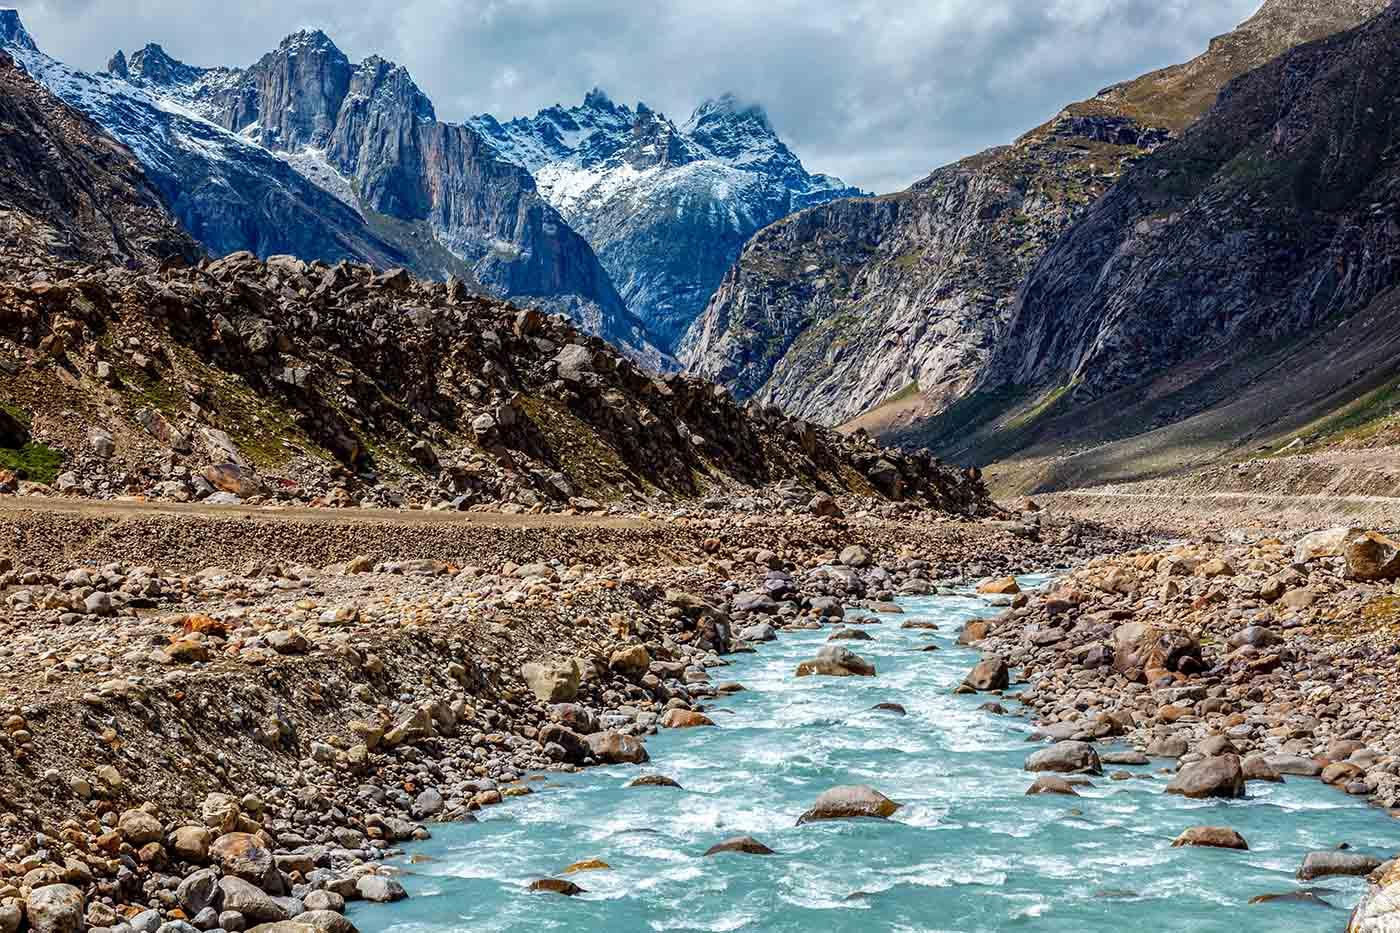 chandra-river-himalayas-india